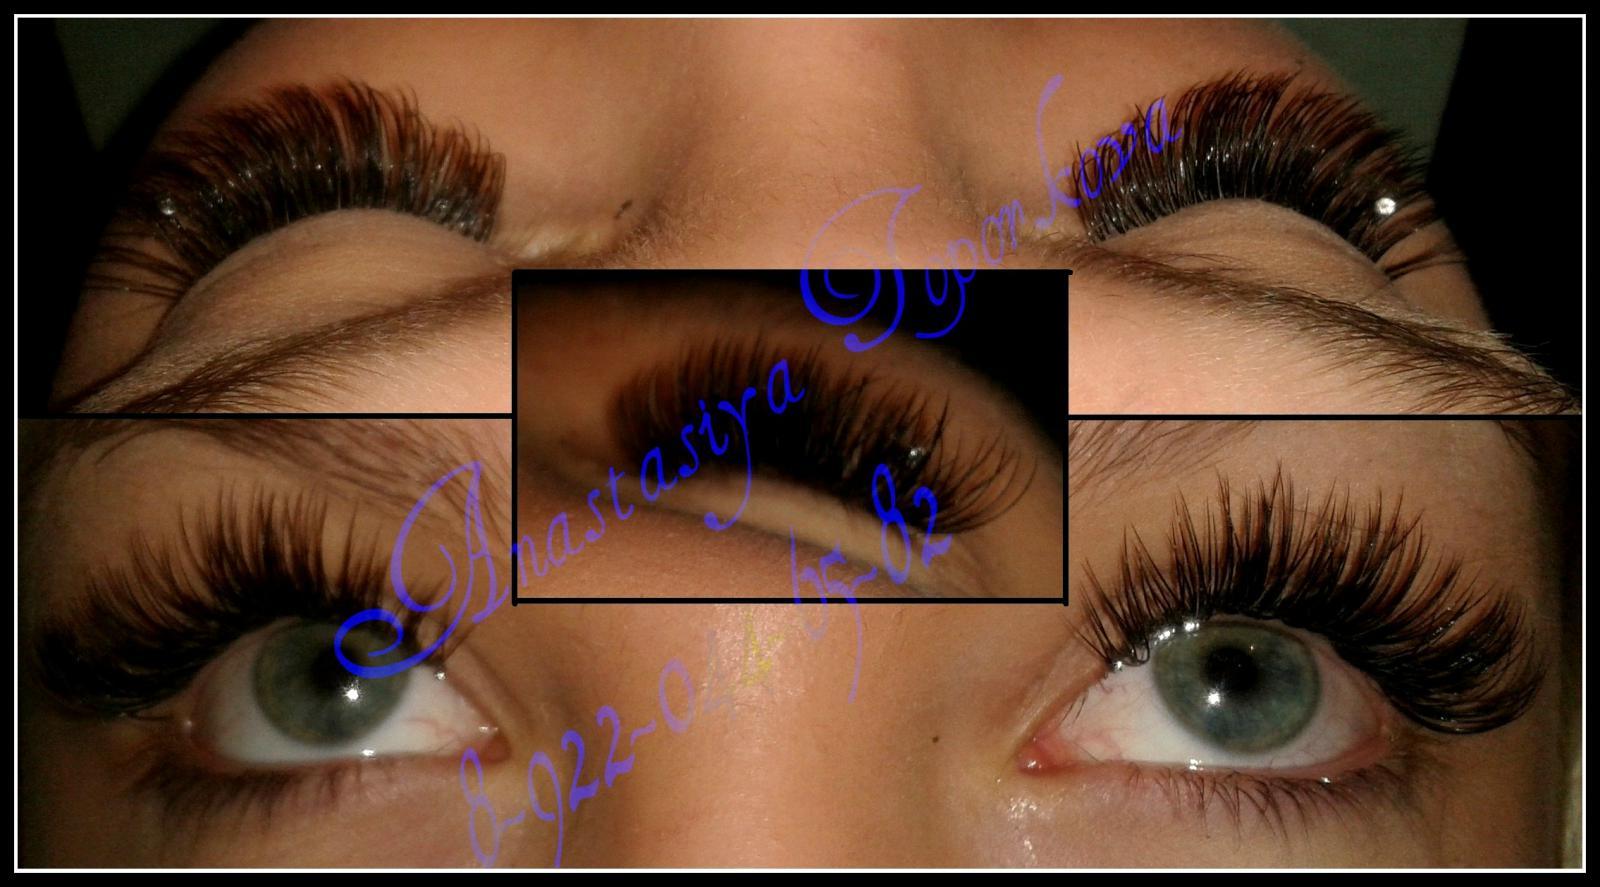 2011-12-24 15.20.10.jpg